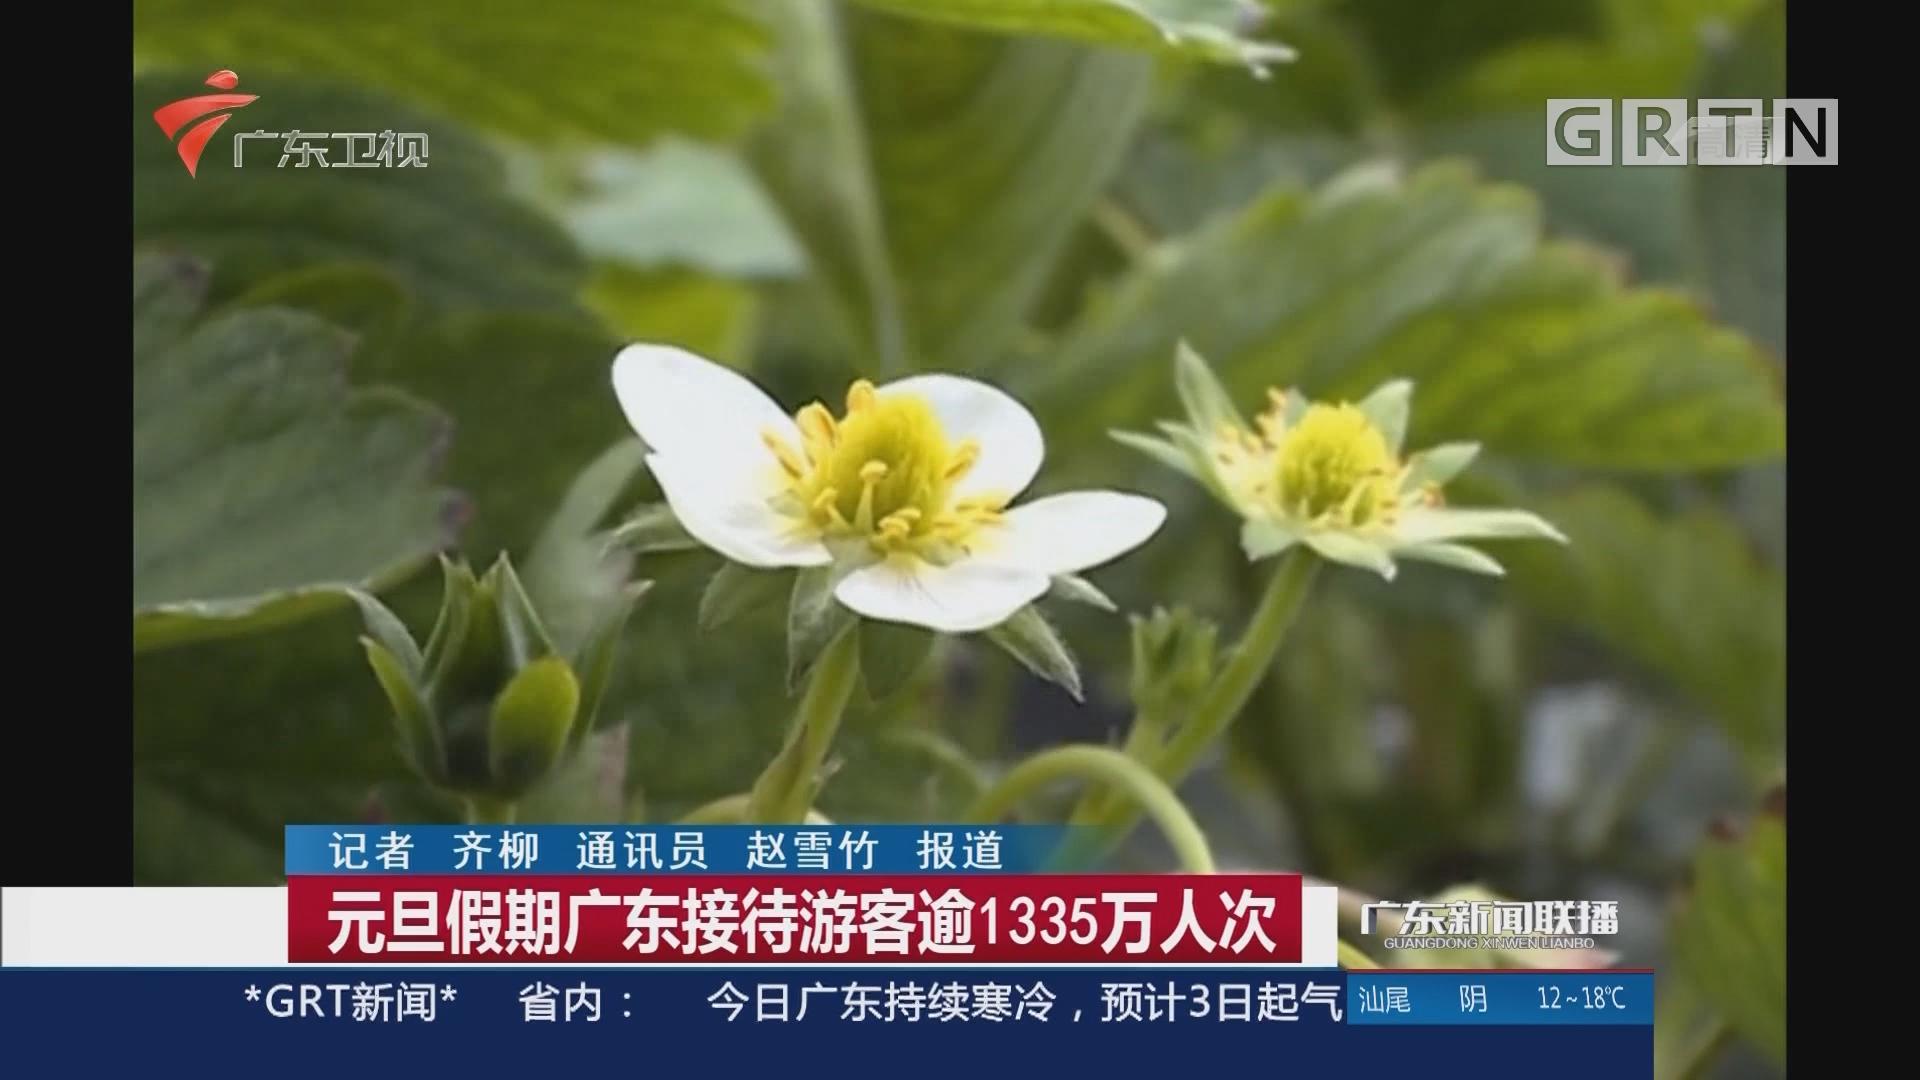 元旦假期广东接待游客逾1335万人次